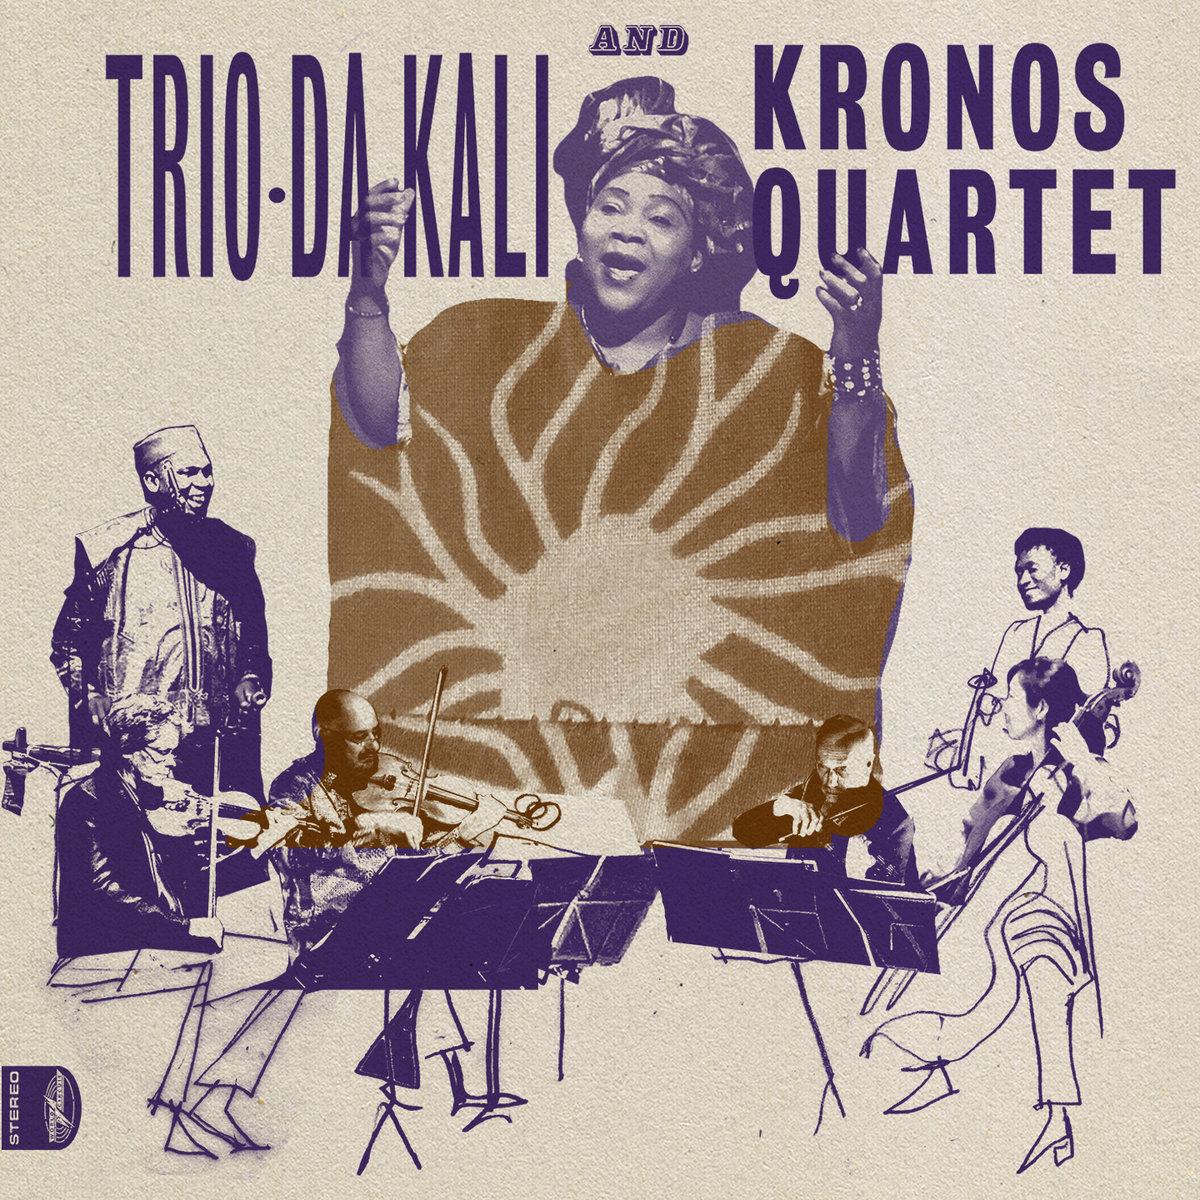 Trio Da Kali and Kronos Quartet - Ladilikan (LP) - World Circuit Records